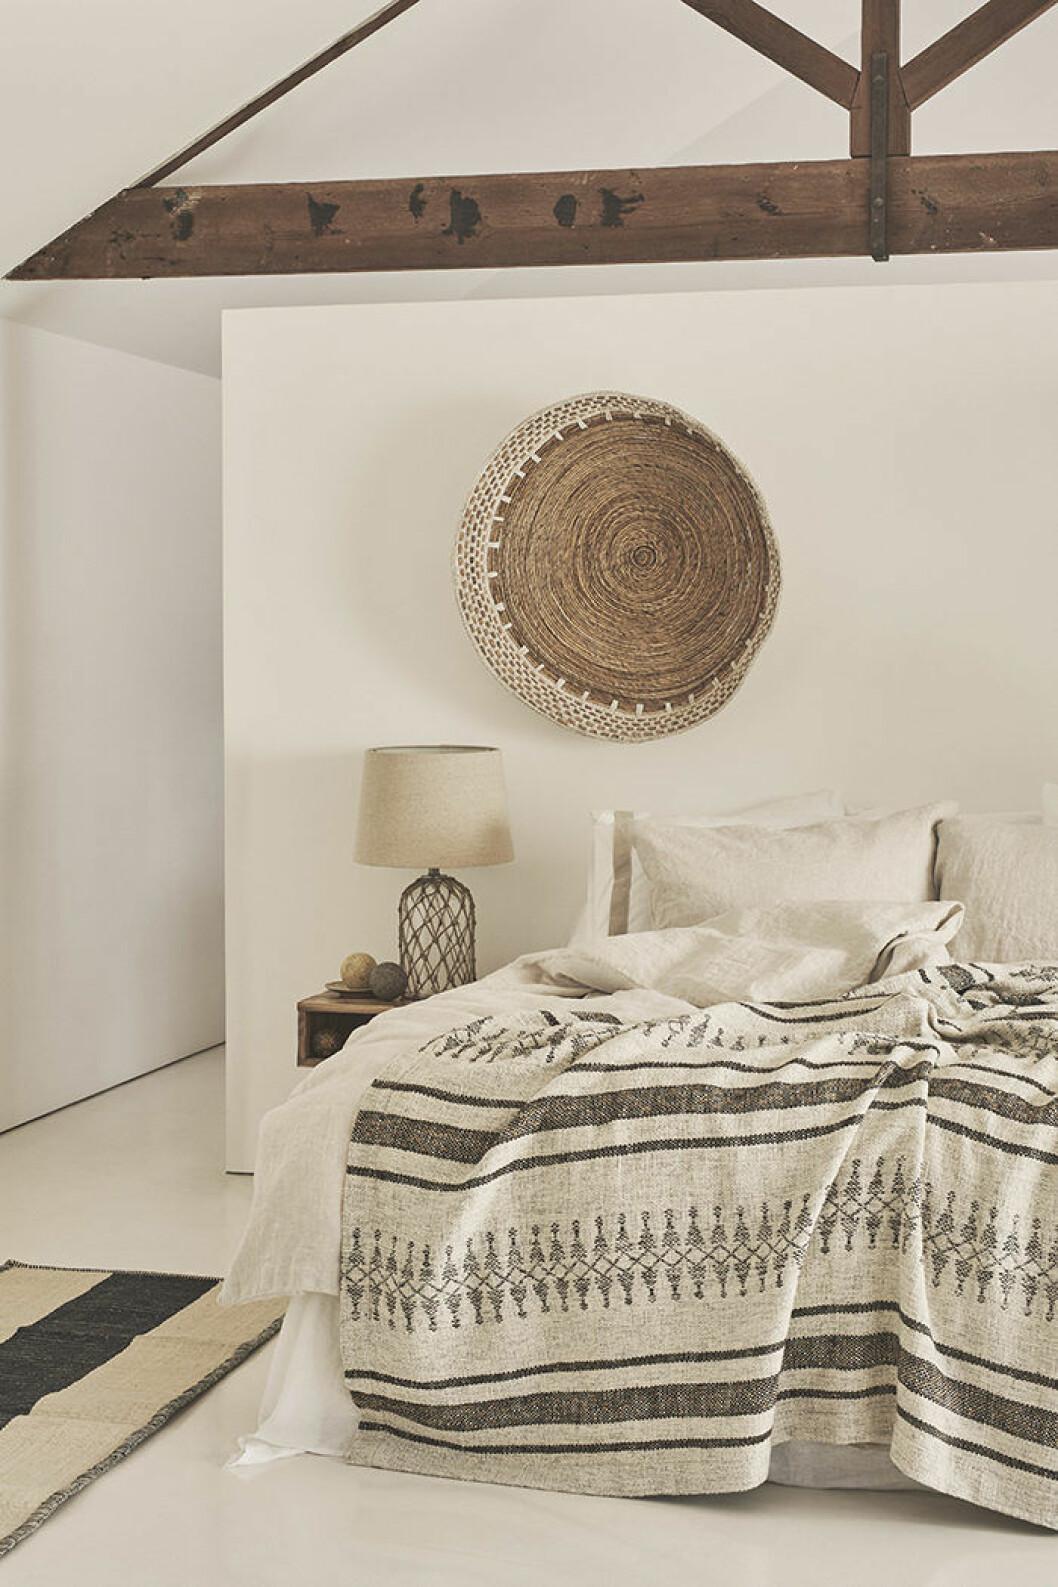 Zara Home lanserar höstkollektionen The Raw Edit